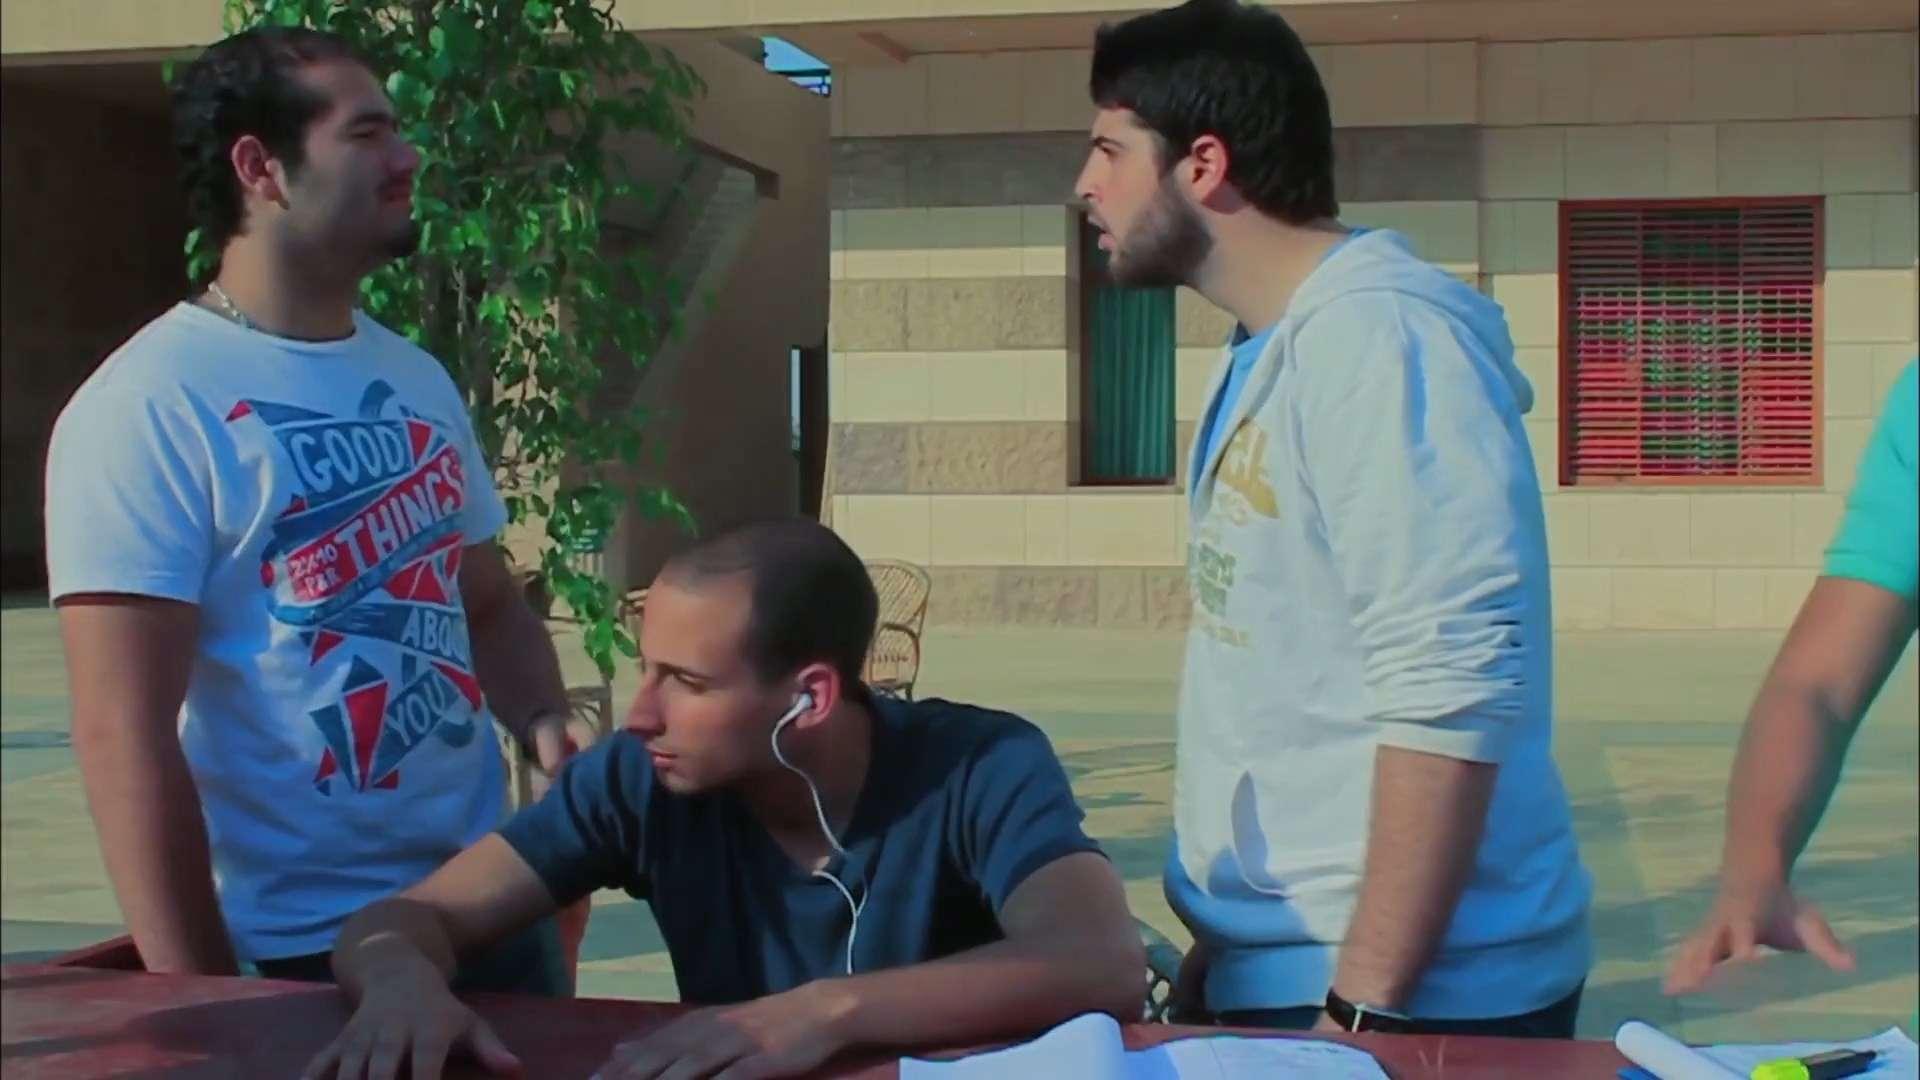 [فيلم][تورنت][تحميل][بنطلون جولييت][2012][1080p][Web-DL] 2 arabp2p.com